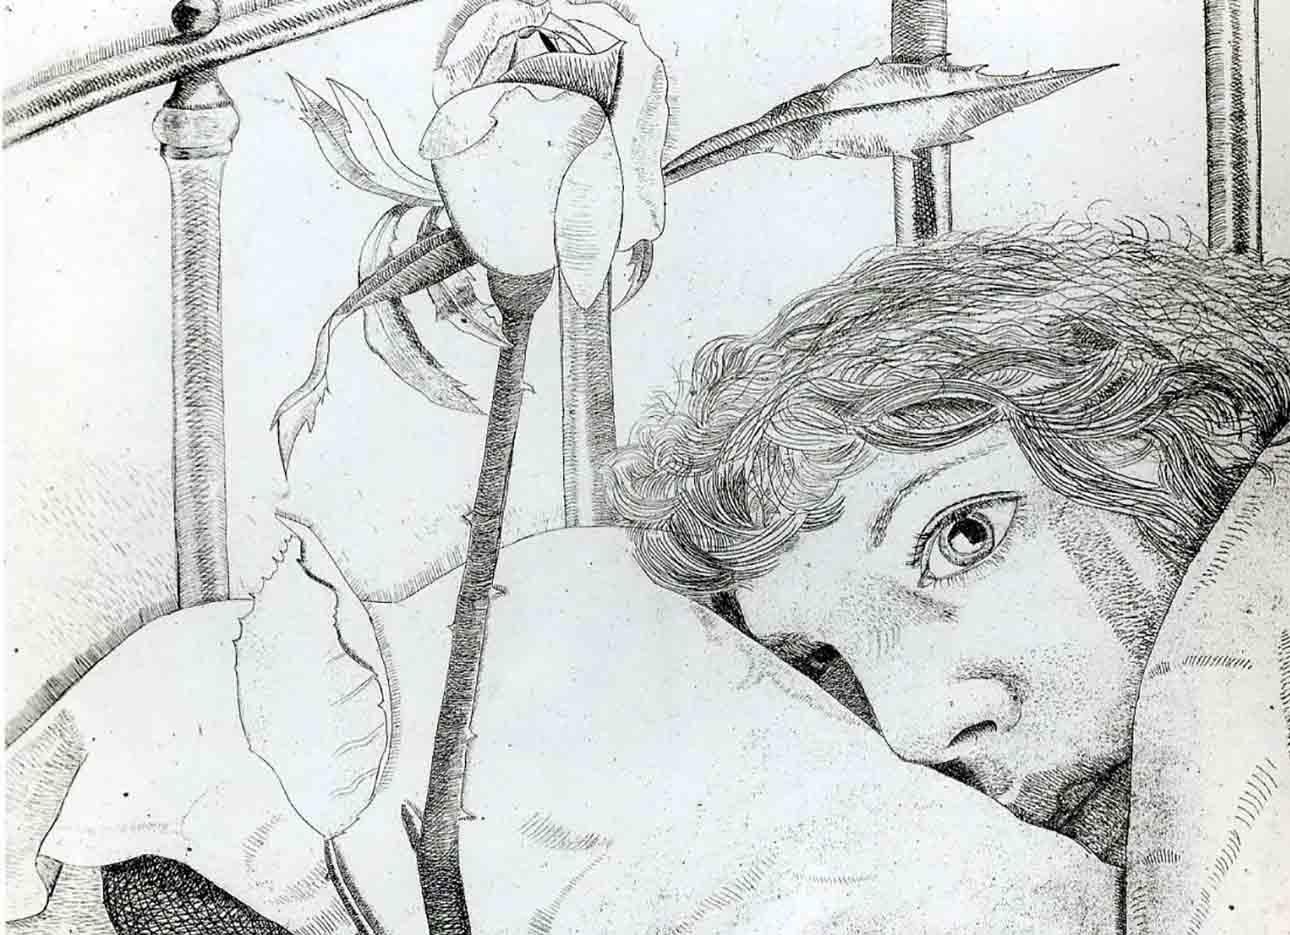 """Люсьен Фрейд (Lucian Freud), """"Айб в Париже"""" (Drawing)"""